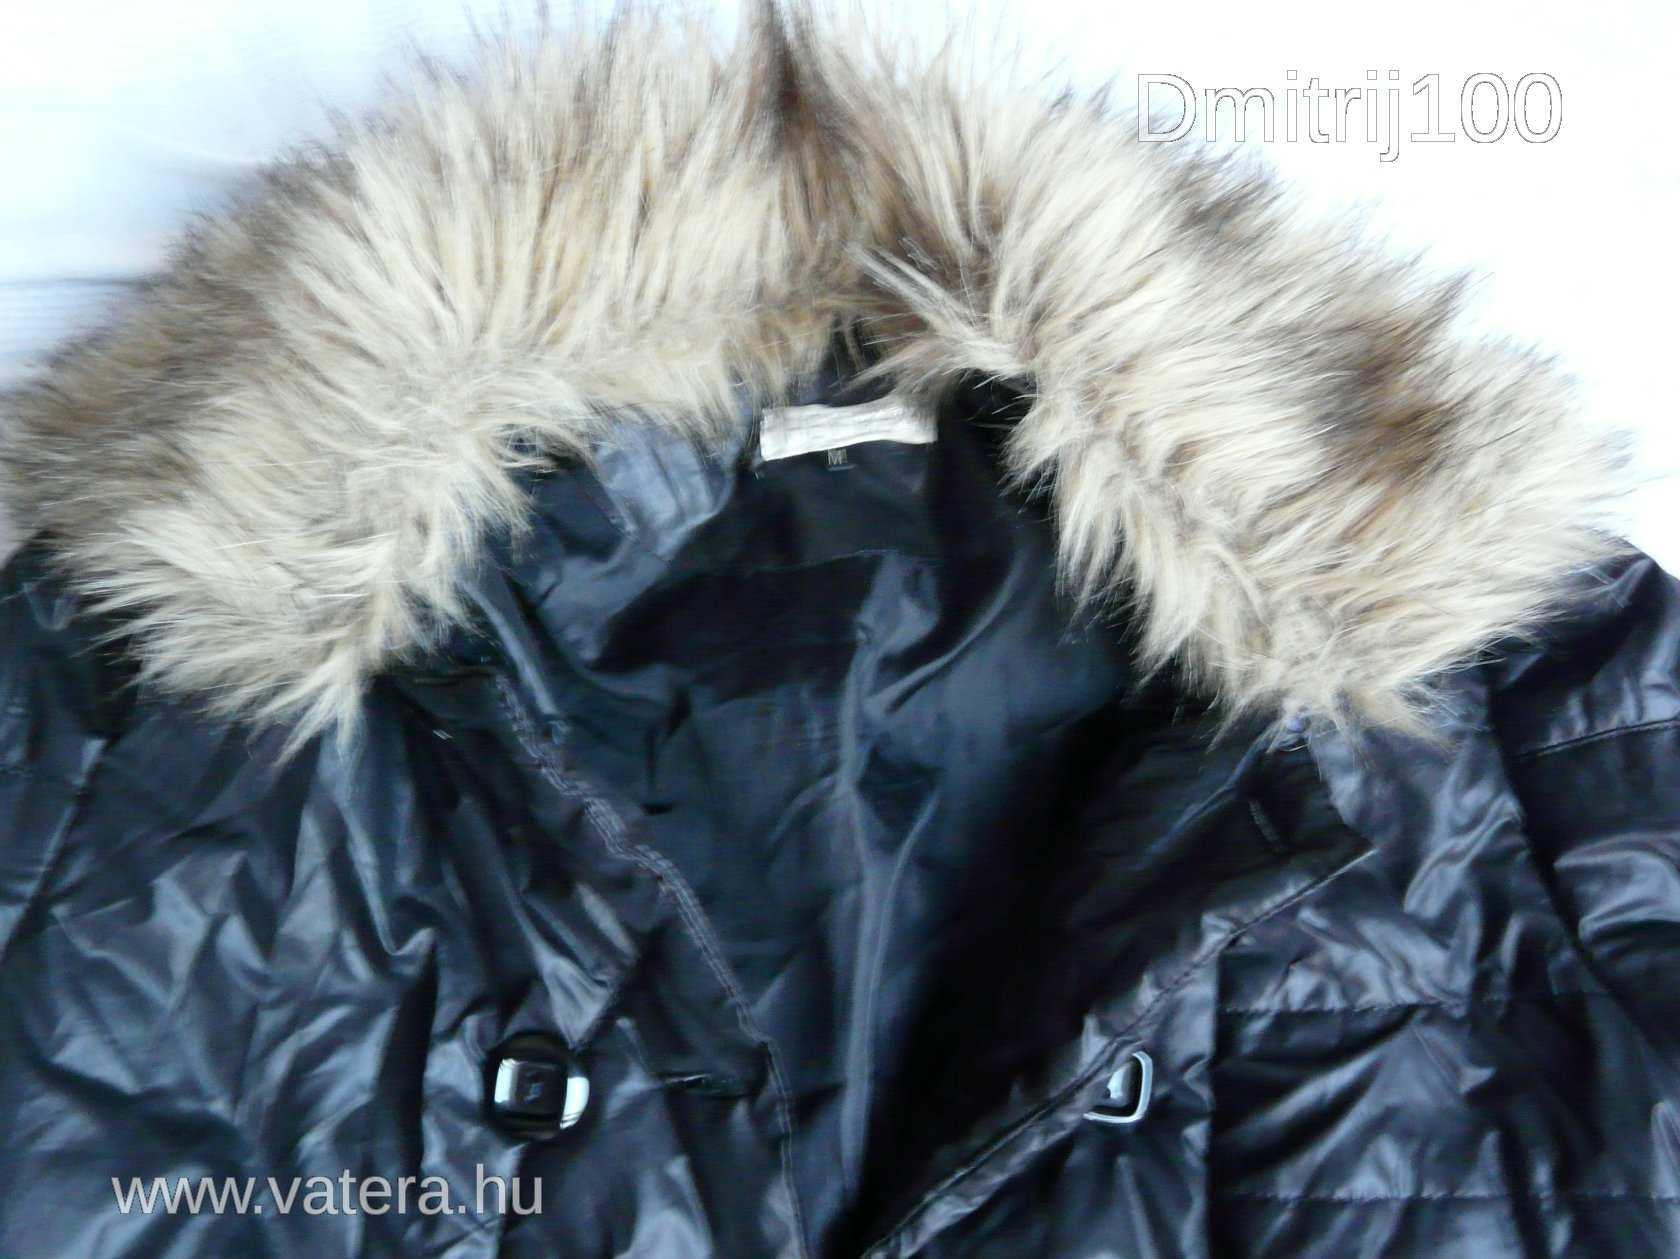 5c8ddbe407 Női téli kabát /dzseki, levehető szőrme gallérral - 6990 Ft -  (meghosszabbítva: